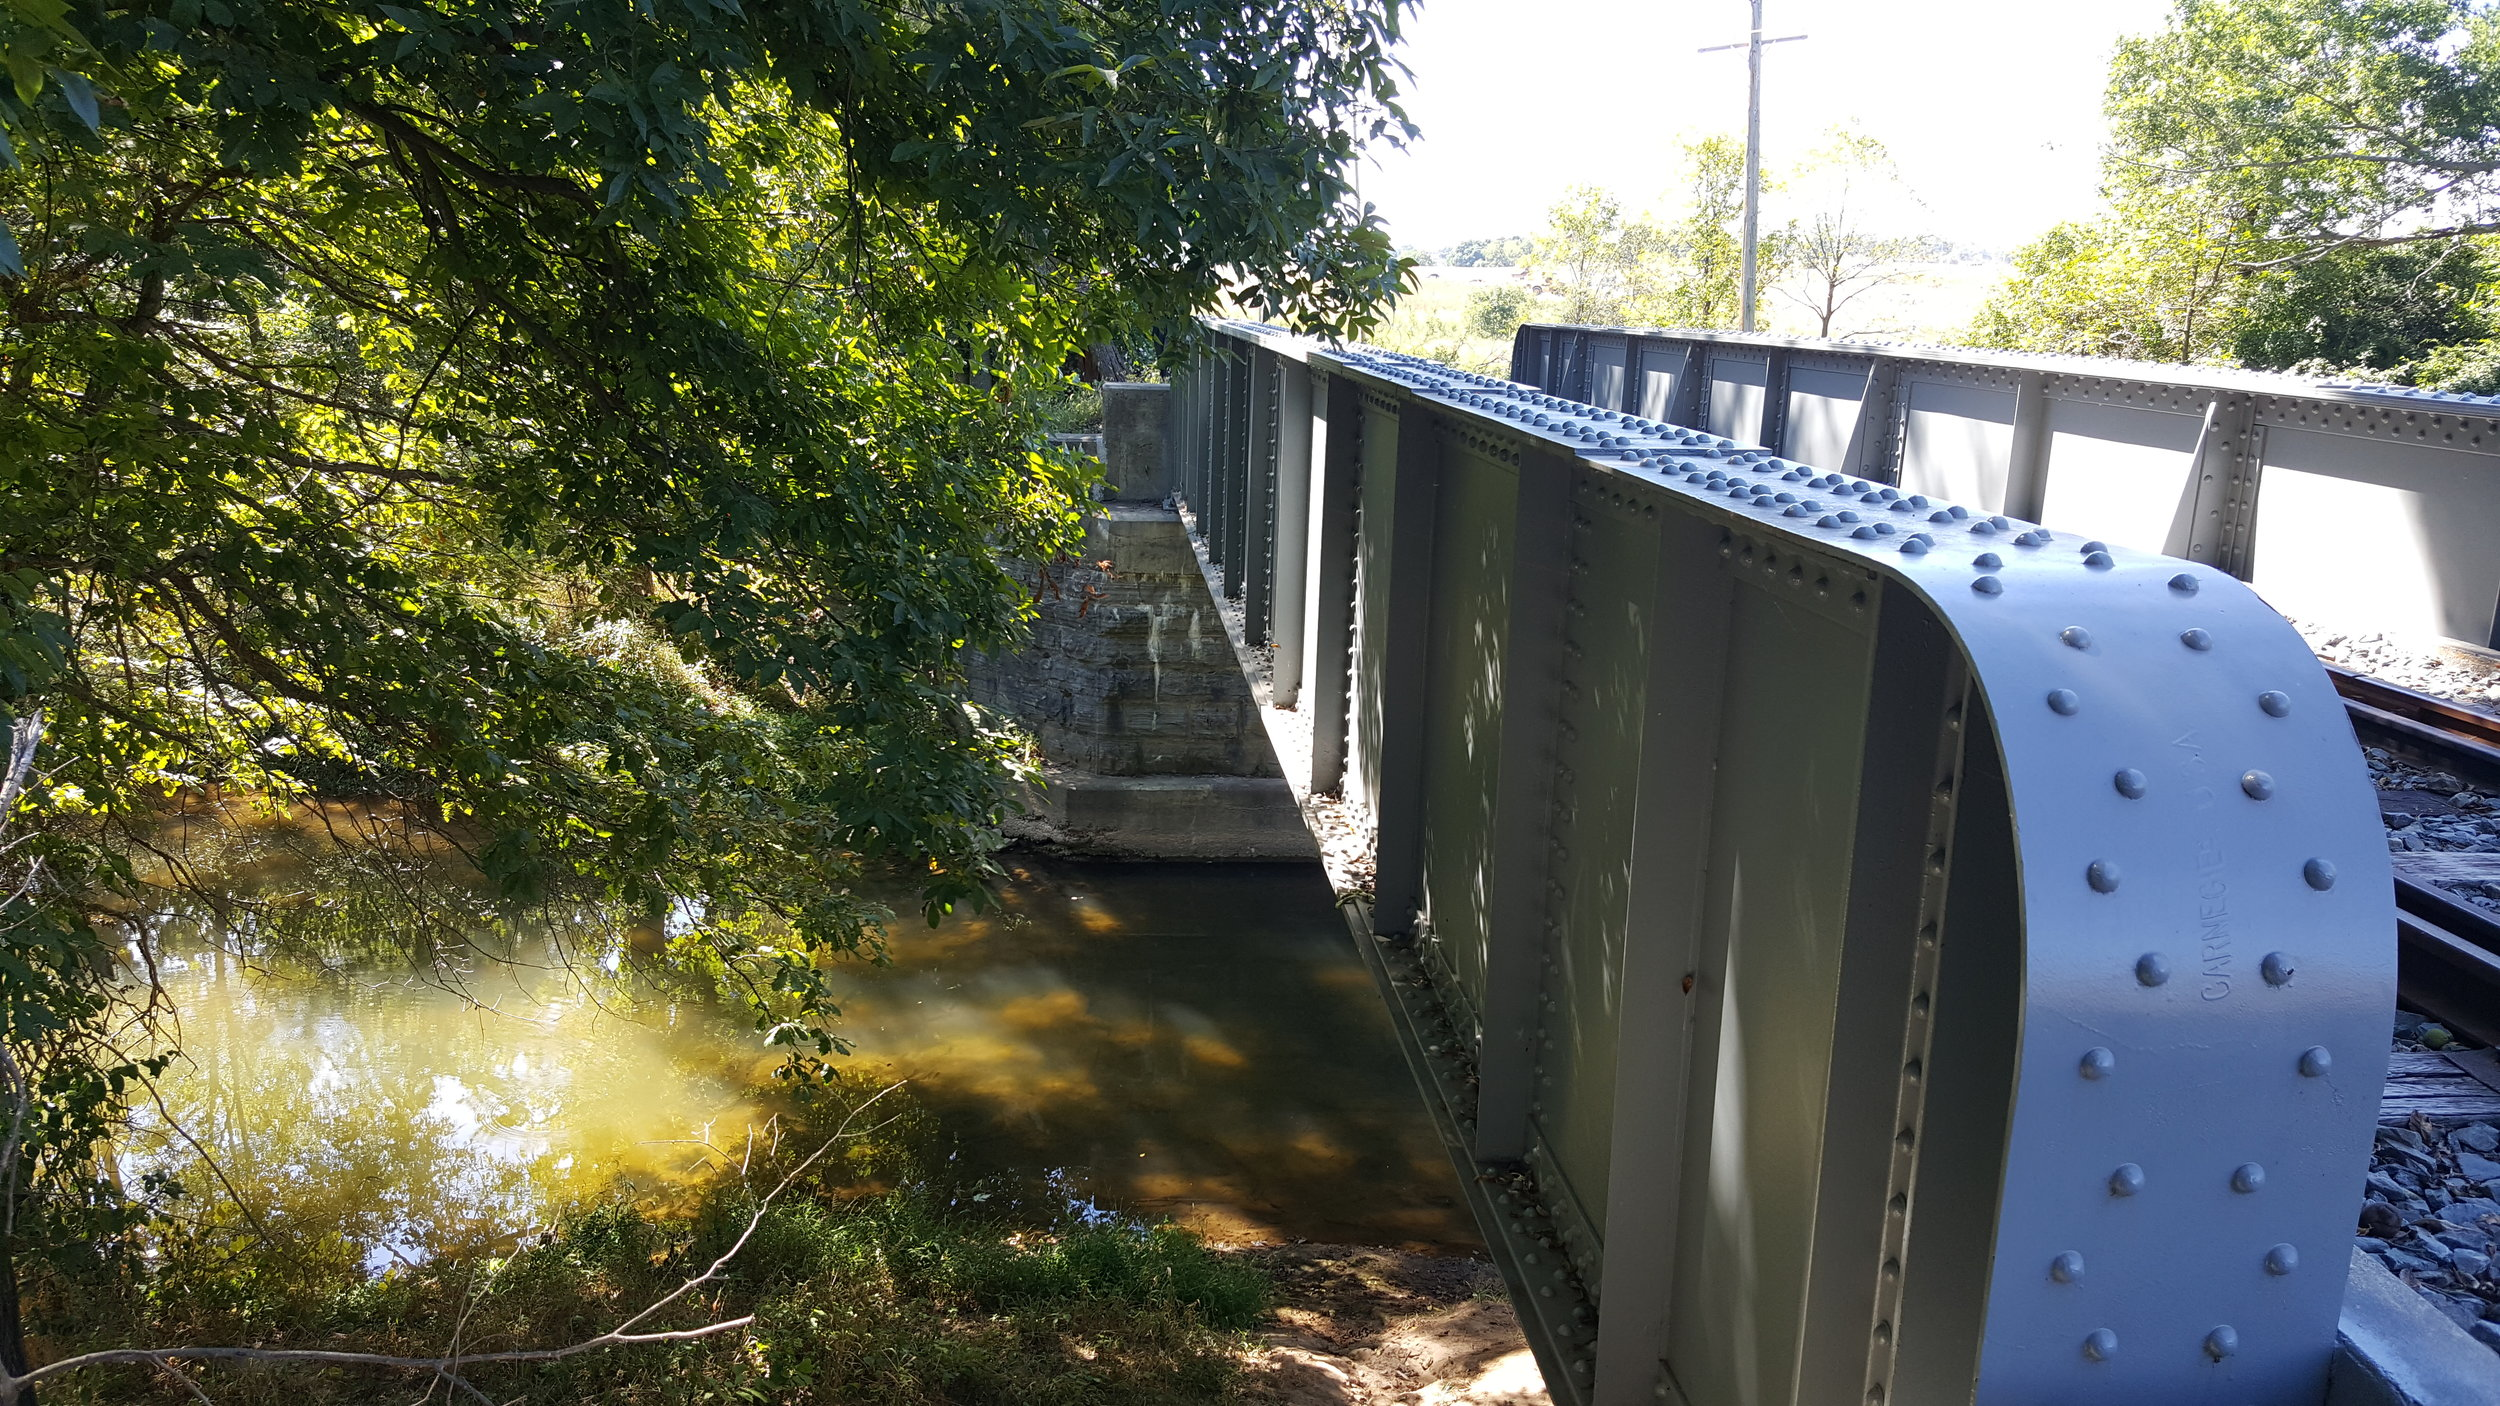 Rail bridge over the Monocacy River